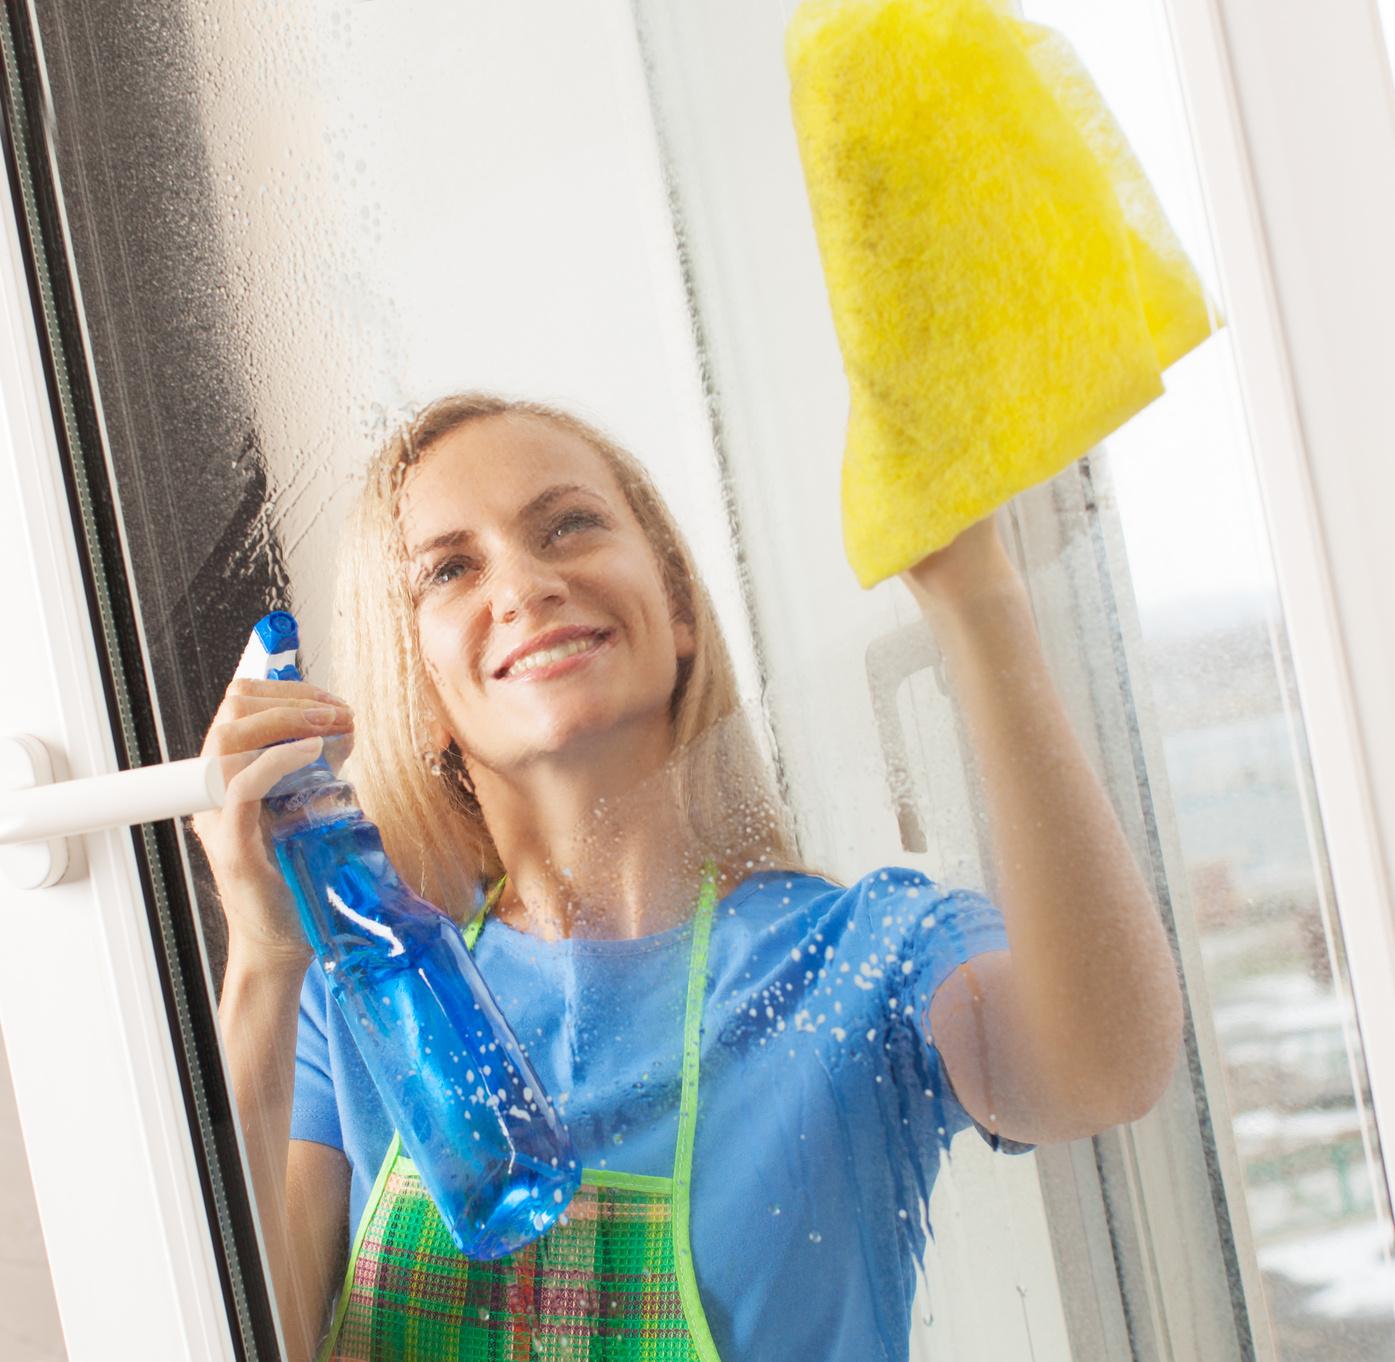 #B5A016 Dicas e produtos para limpar janelas e objetos de vidro e vidro  816 Limpeza De Vidros E Janelas